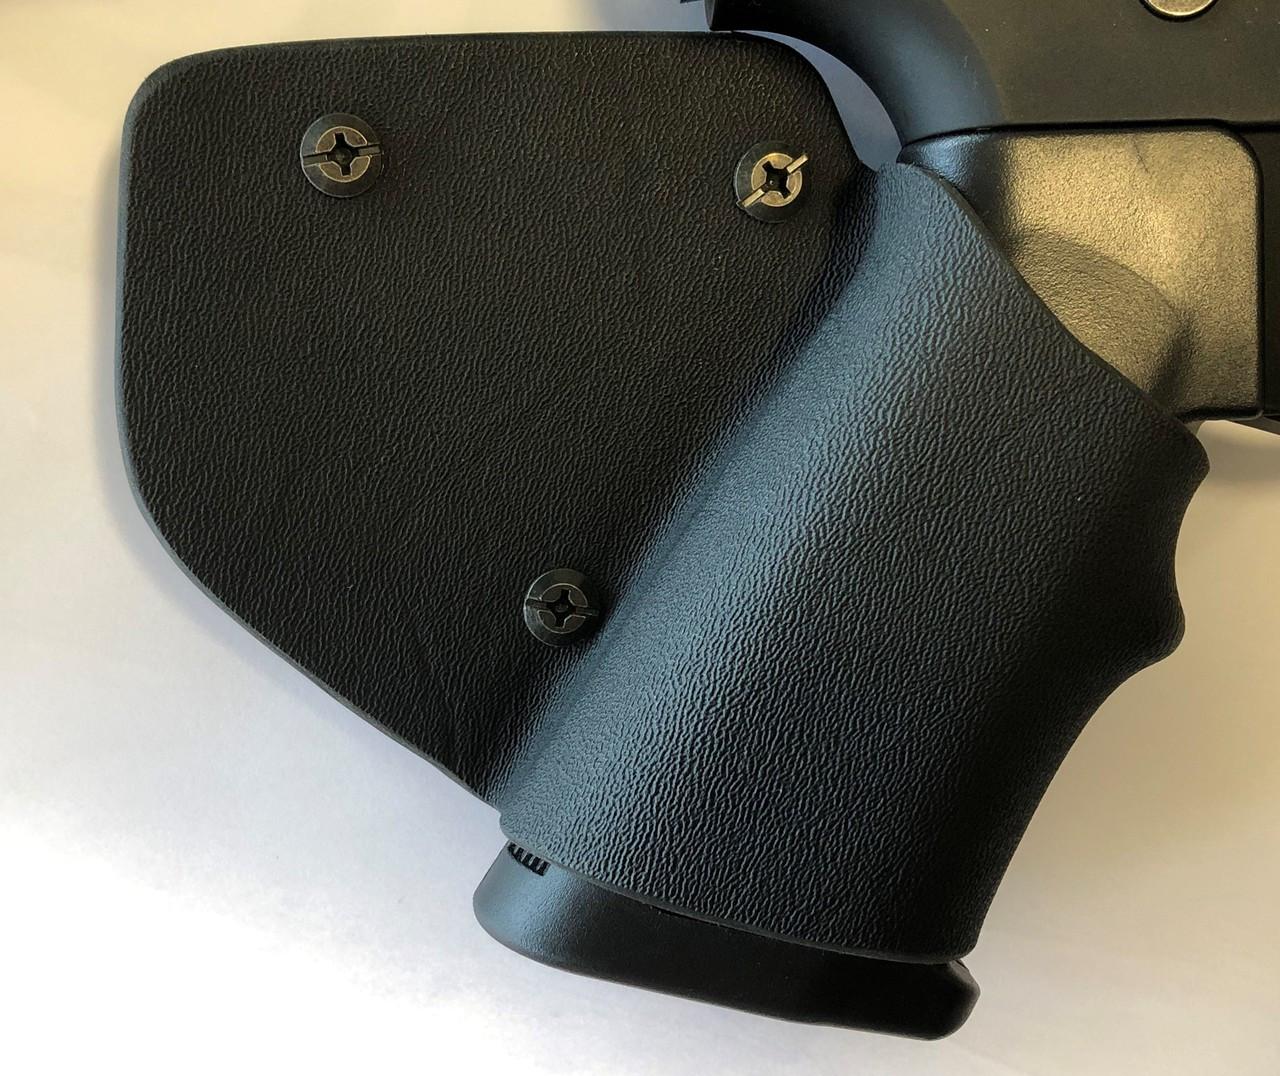 Steyr Arms AUG A3 M1(Long Rail) CALIFORNIA LEGAL 5.56- Mudd